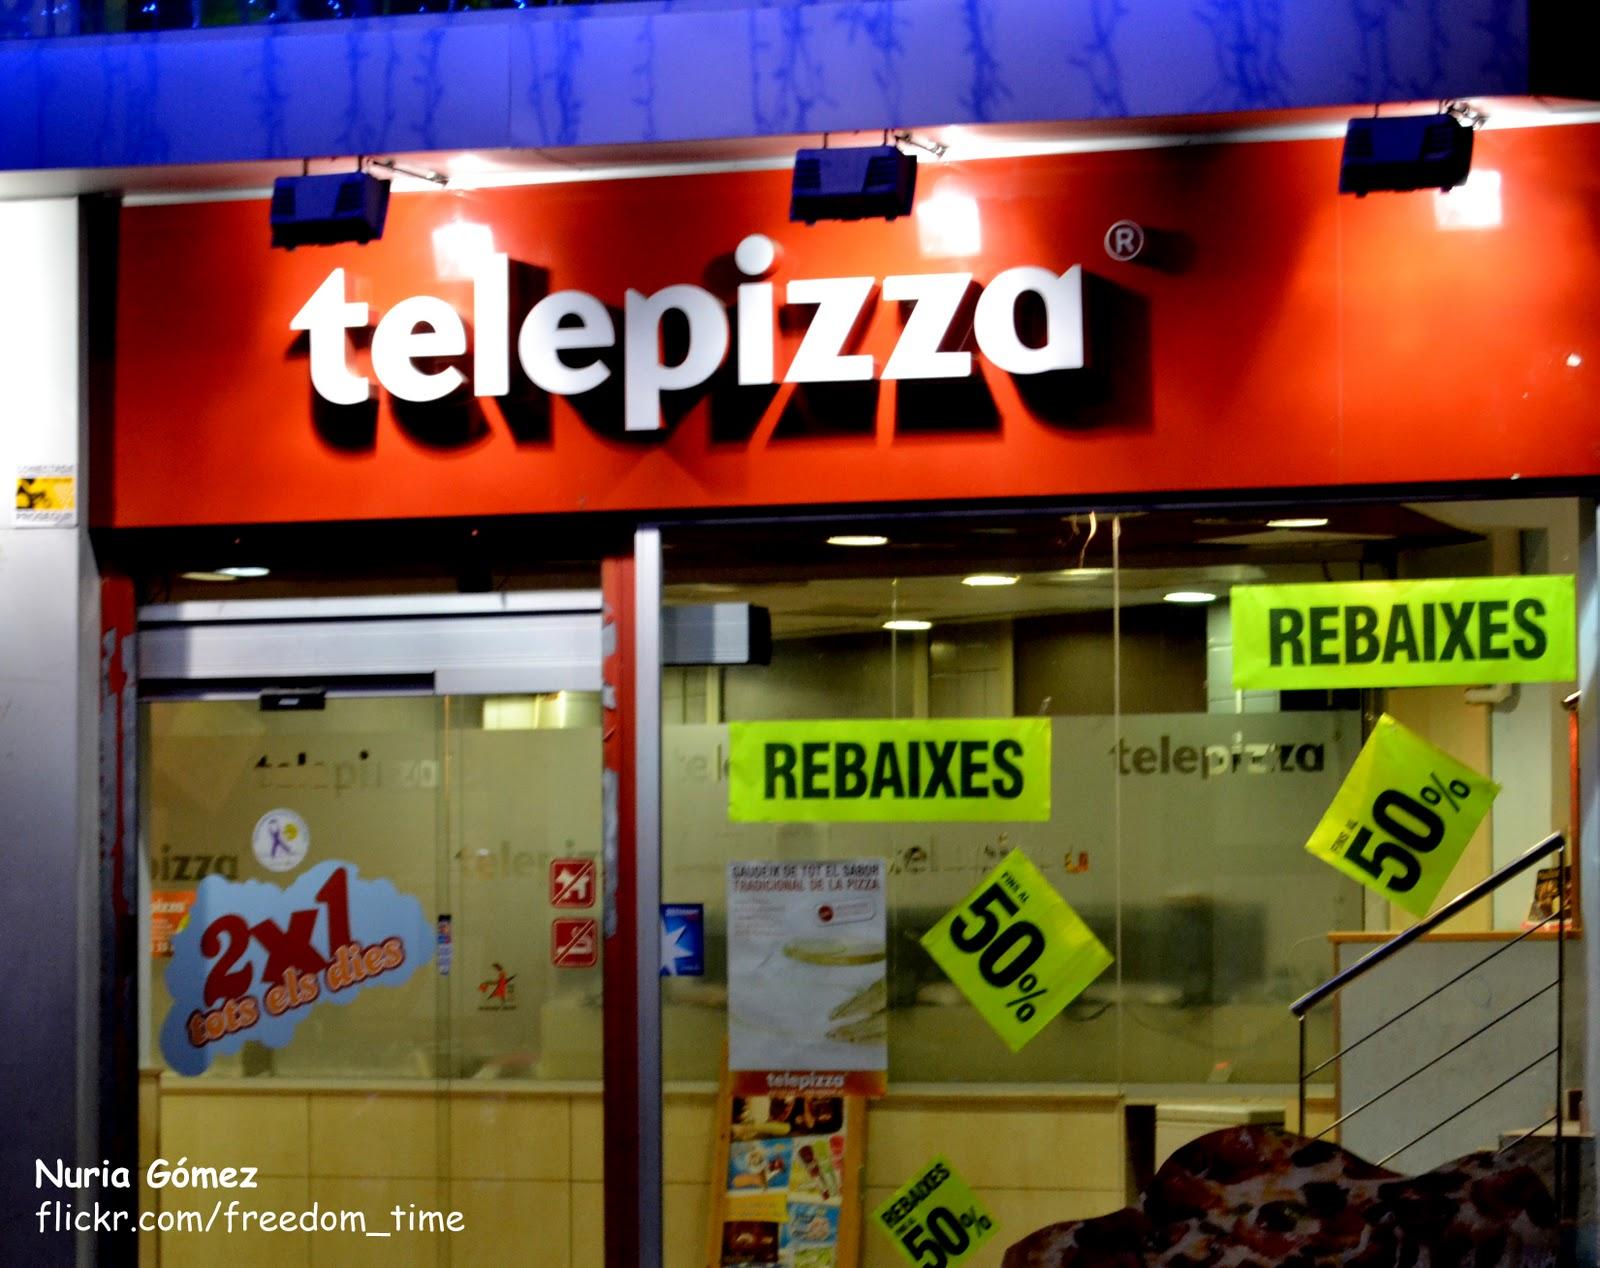 Blog telepizza gav las mejores rebajas hasta un 50 scuento - Las mejores rebajas ...